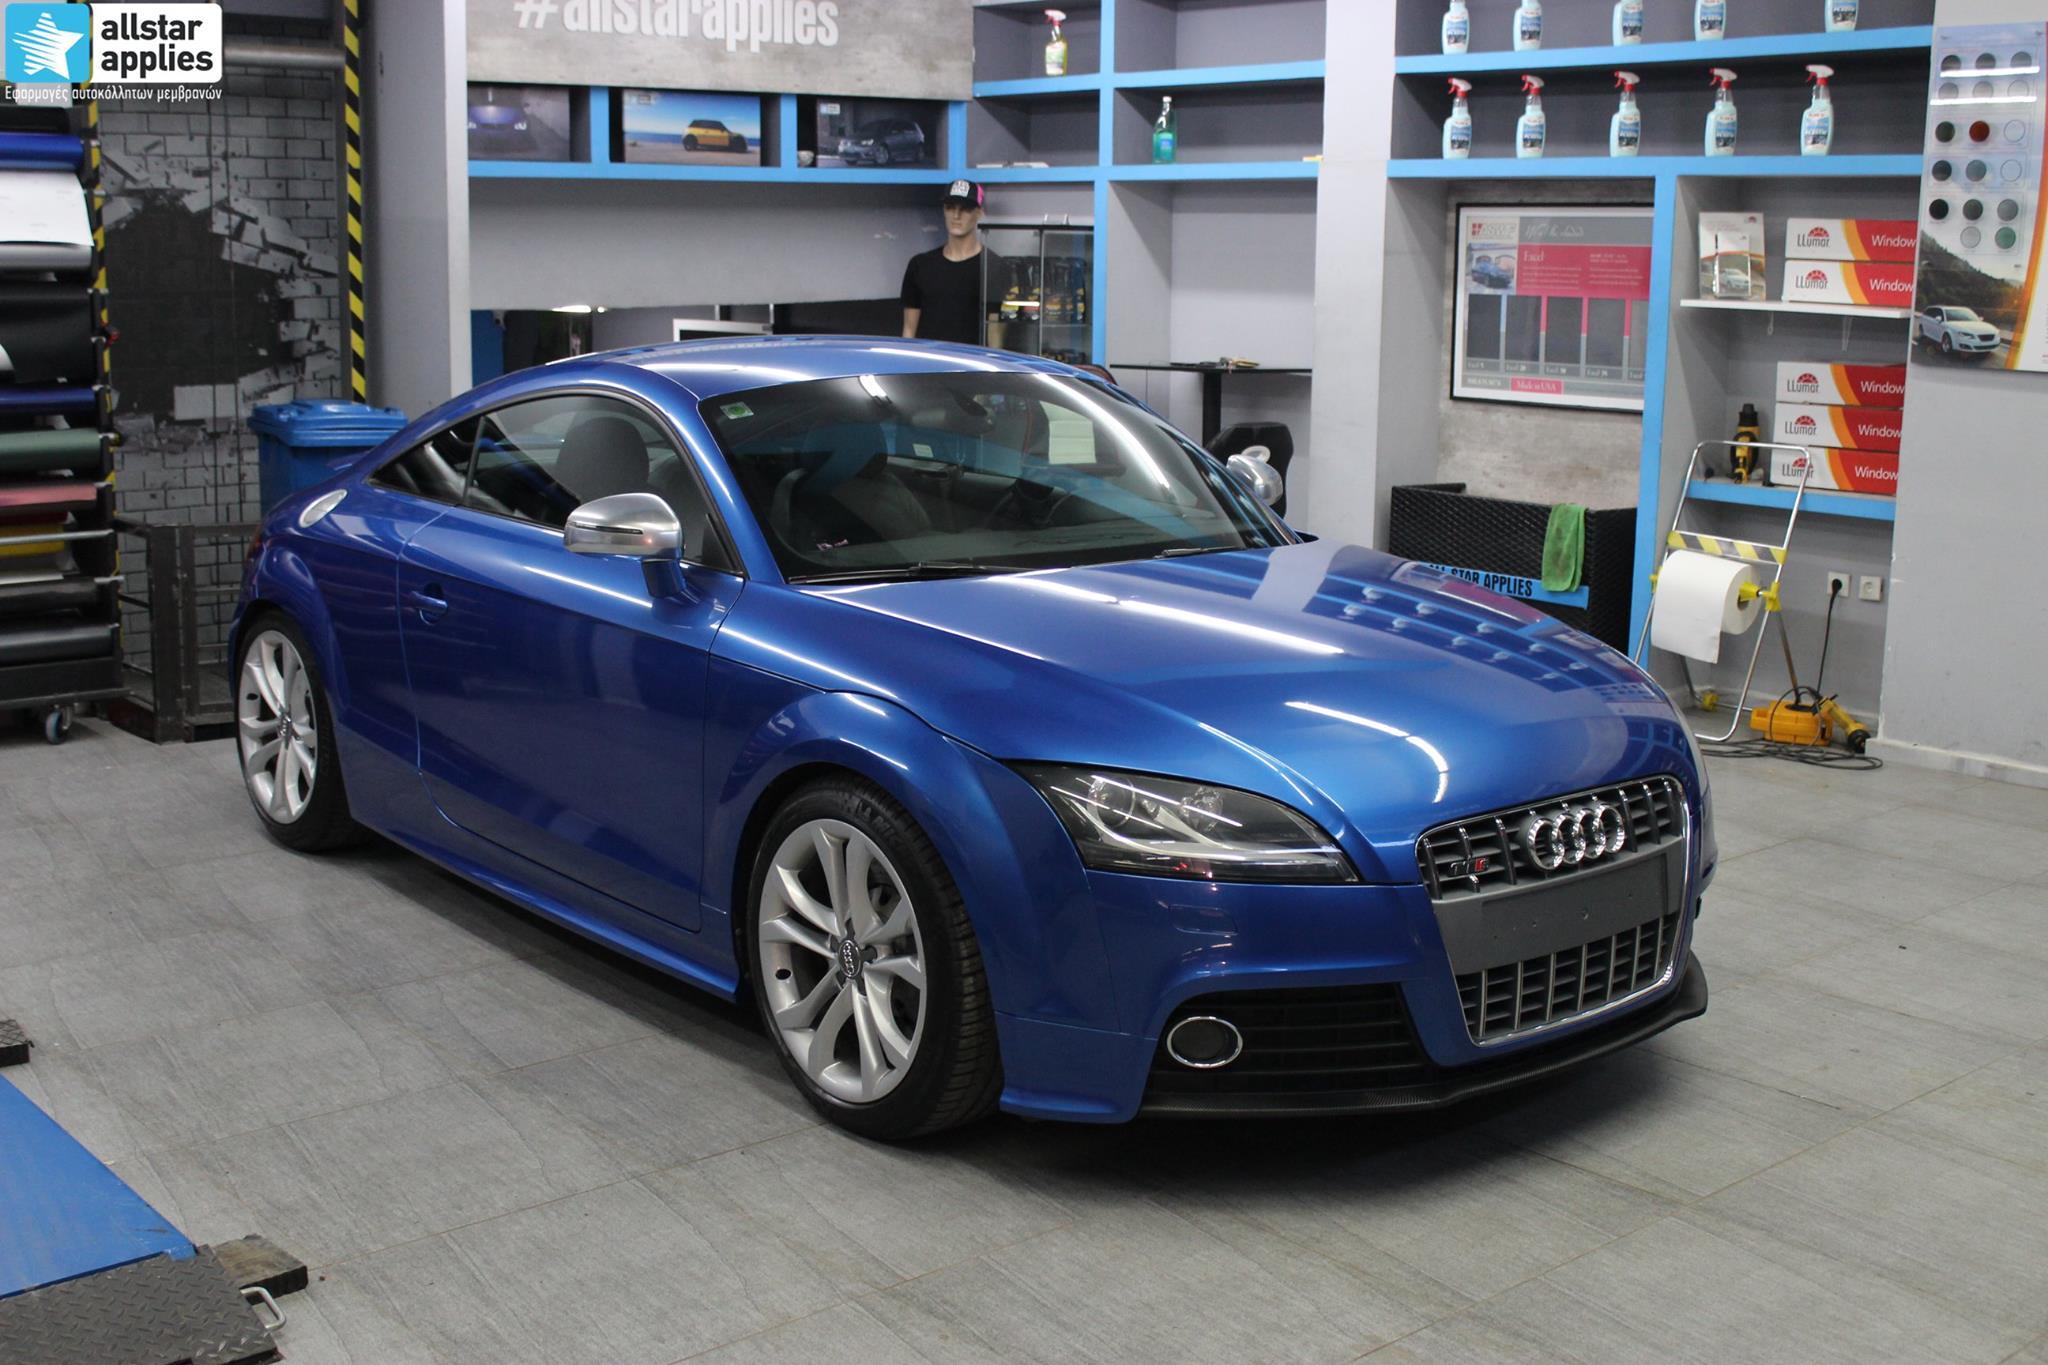 Audi TTS - Daytona Blue (3)